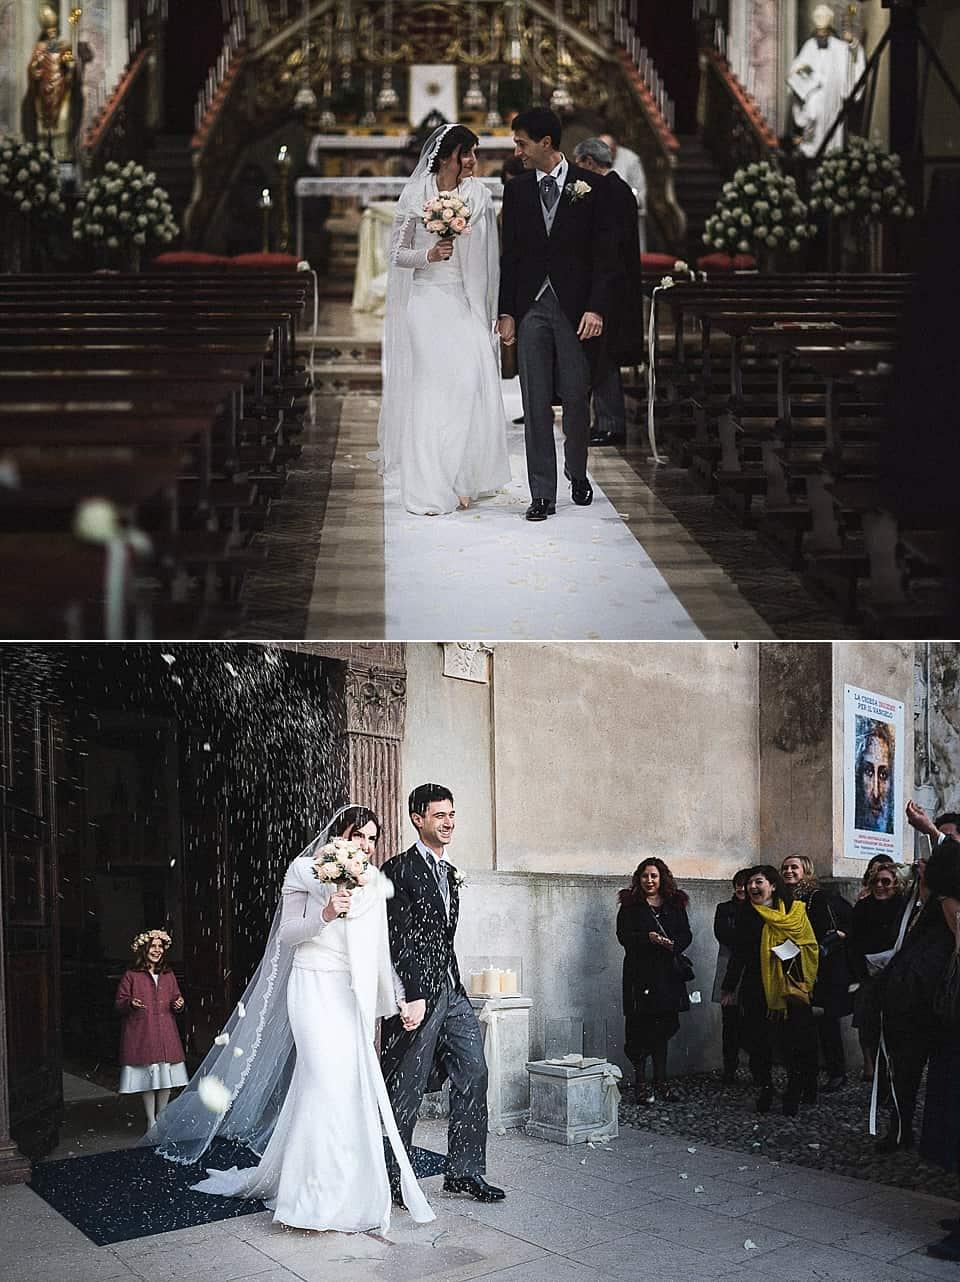 Uscita degli sposi dalla chiesa: fotografia del matrimonio